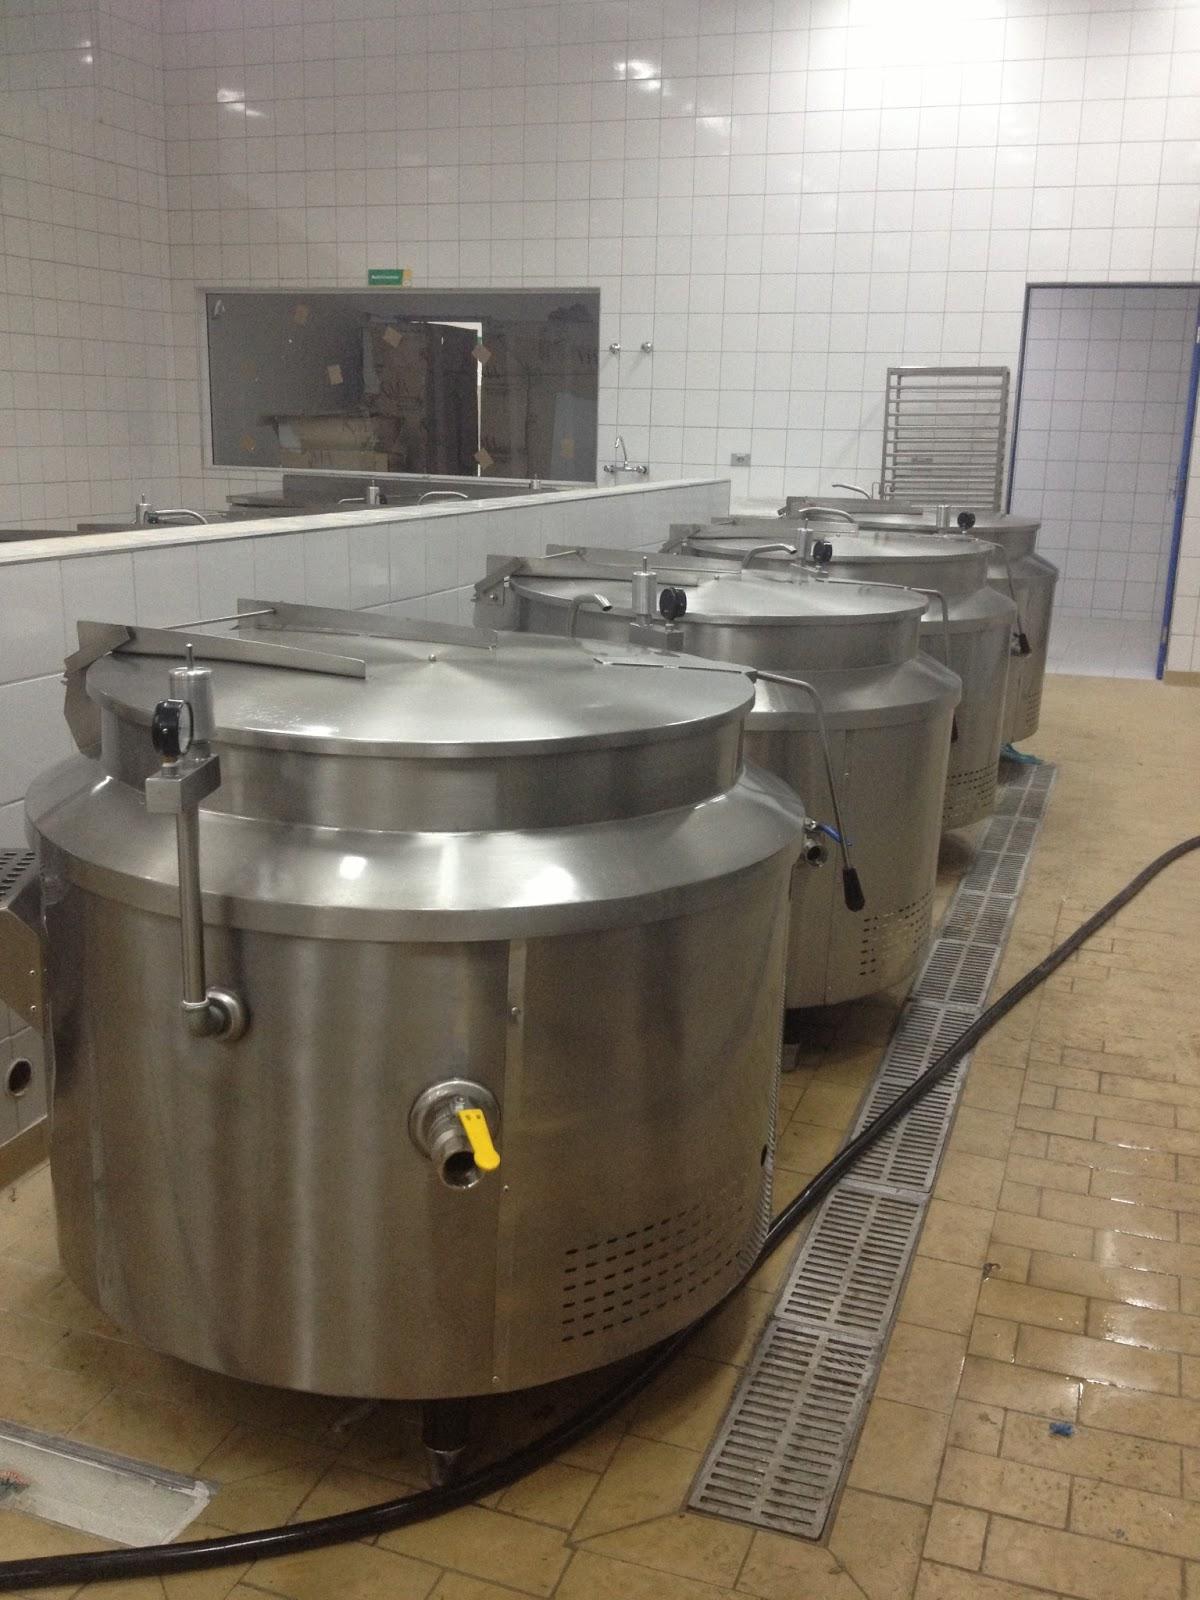 #BA9811 Como escolher seu Caldeirão Industrial? 1200x1600 px Projeto De Gas Para Cozinha Industrial_4821 Imagens